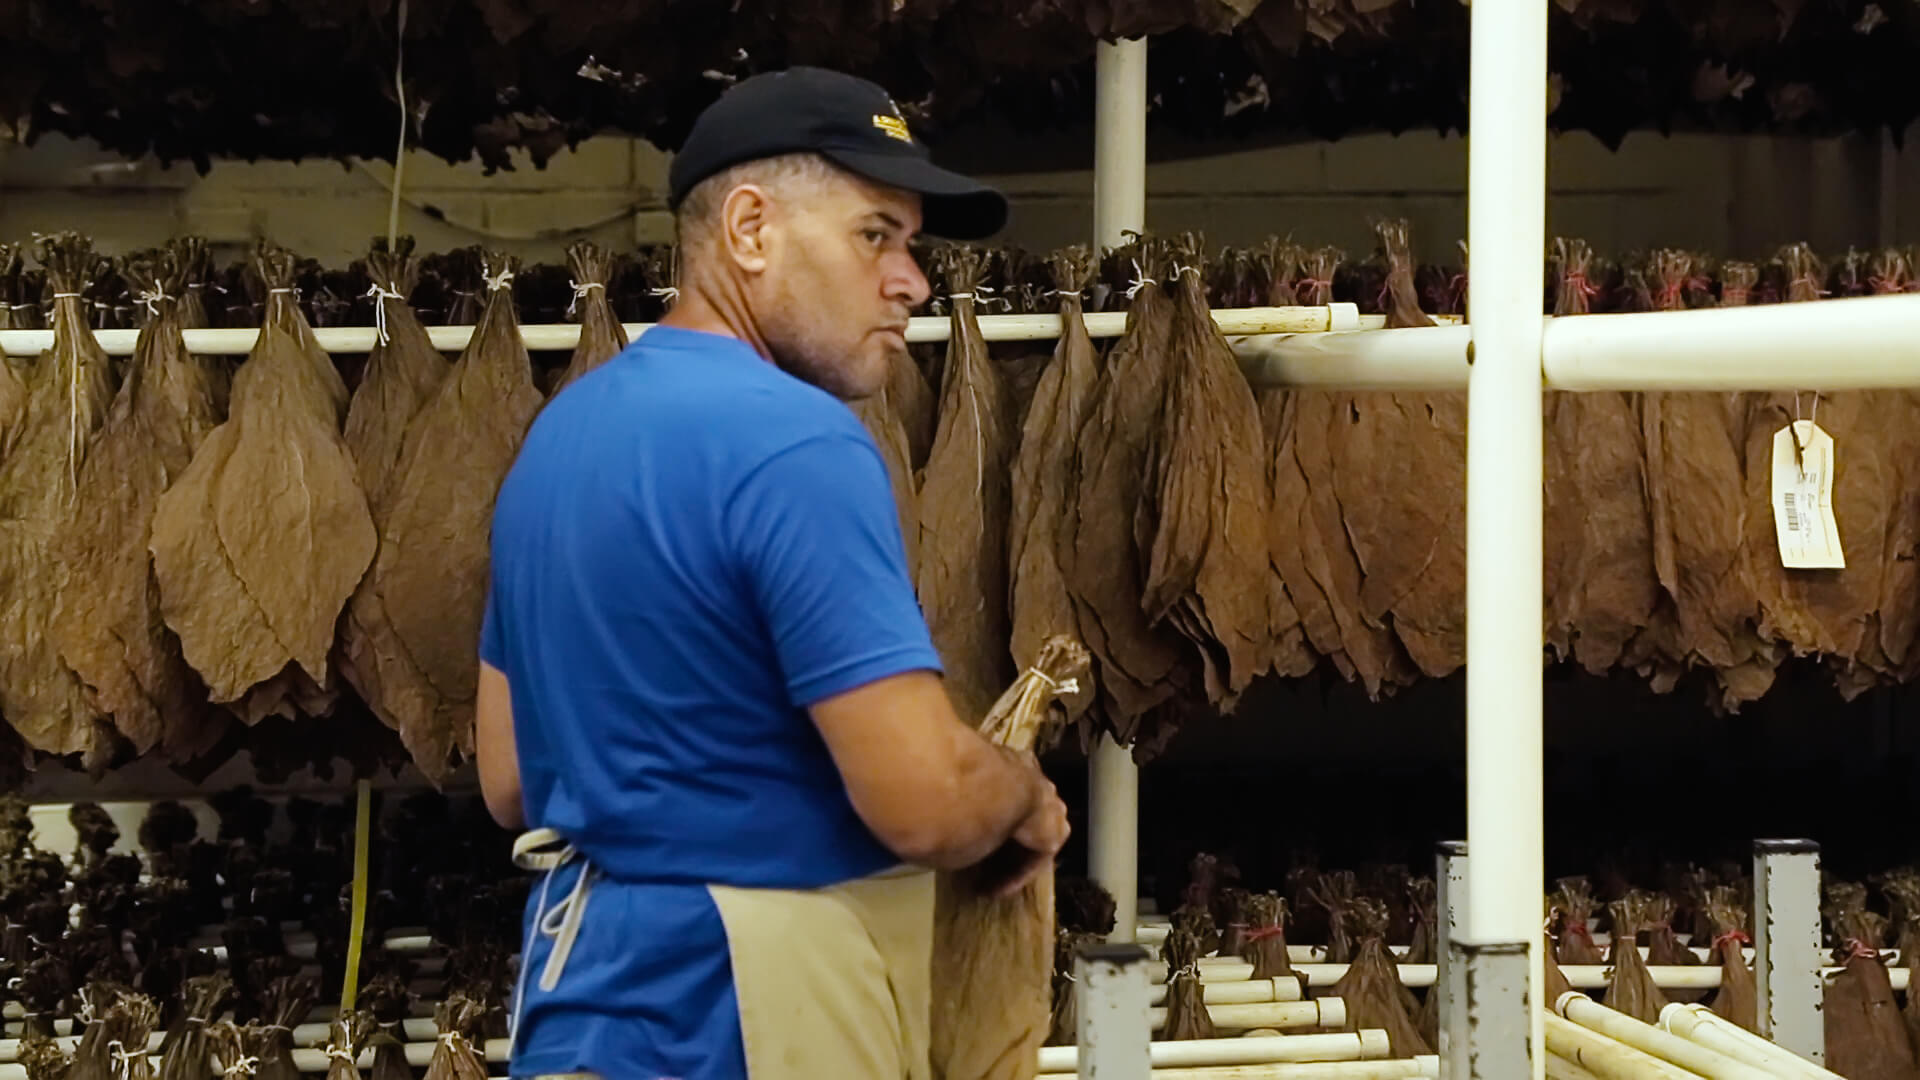 Trocknung des Tabaks im Trockenschuppen